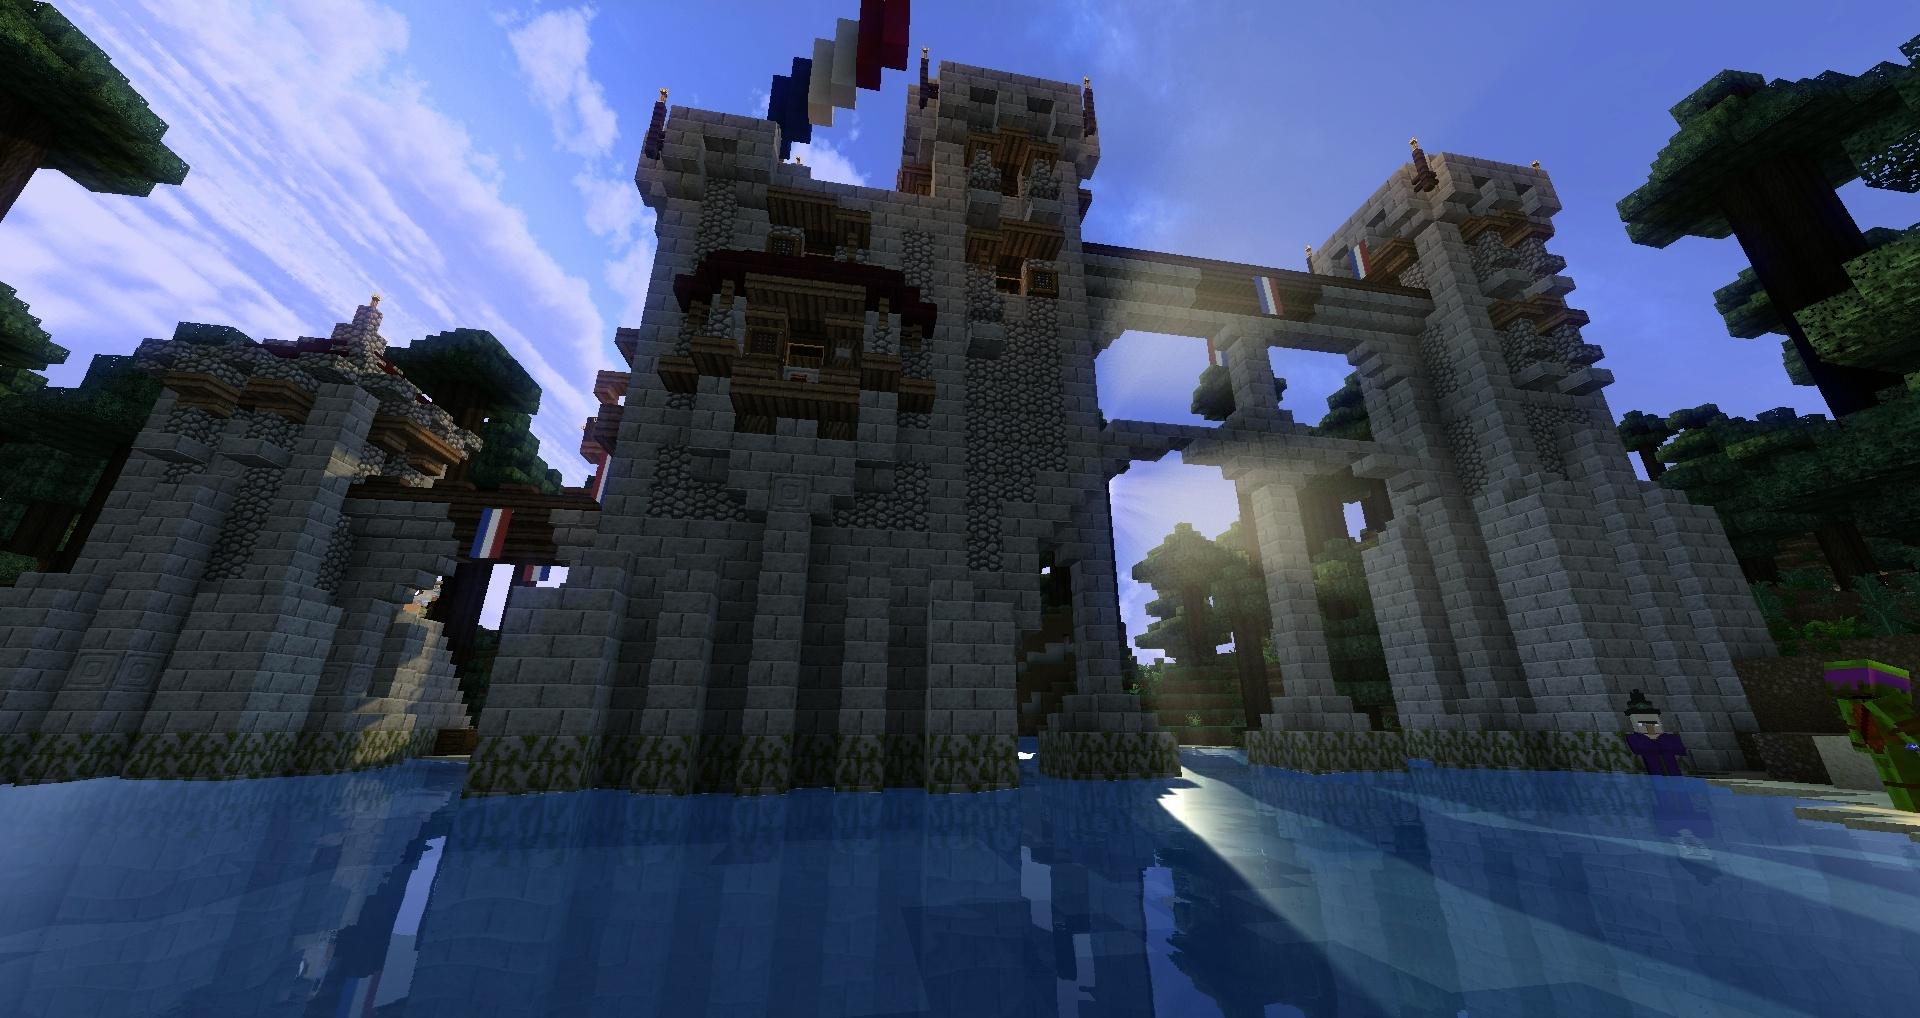 Le fort est gardé par une sorcière MOUHAHAHAH ! (Ps : oui je m'emporte un peu xD).